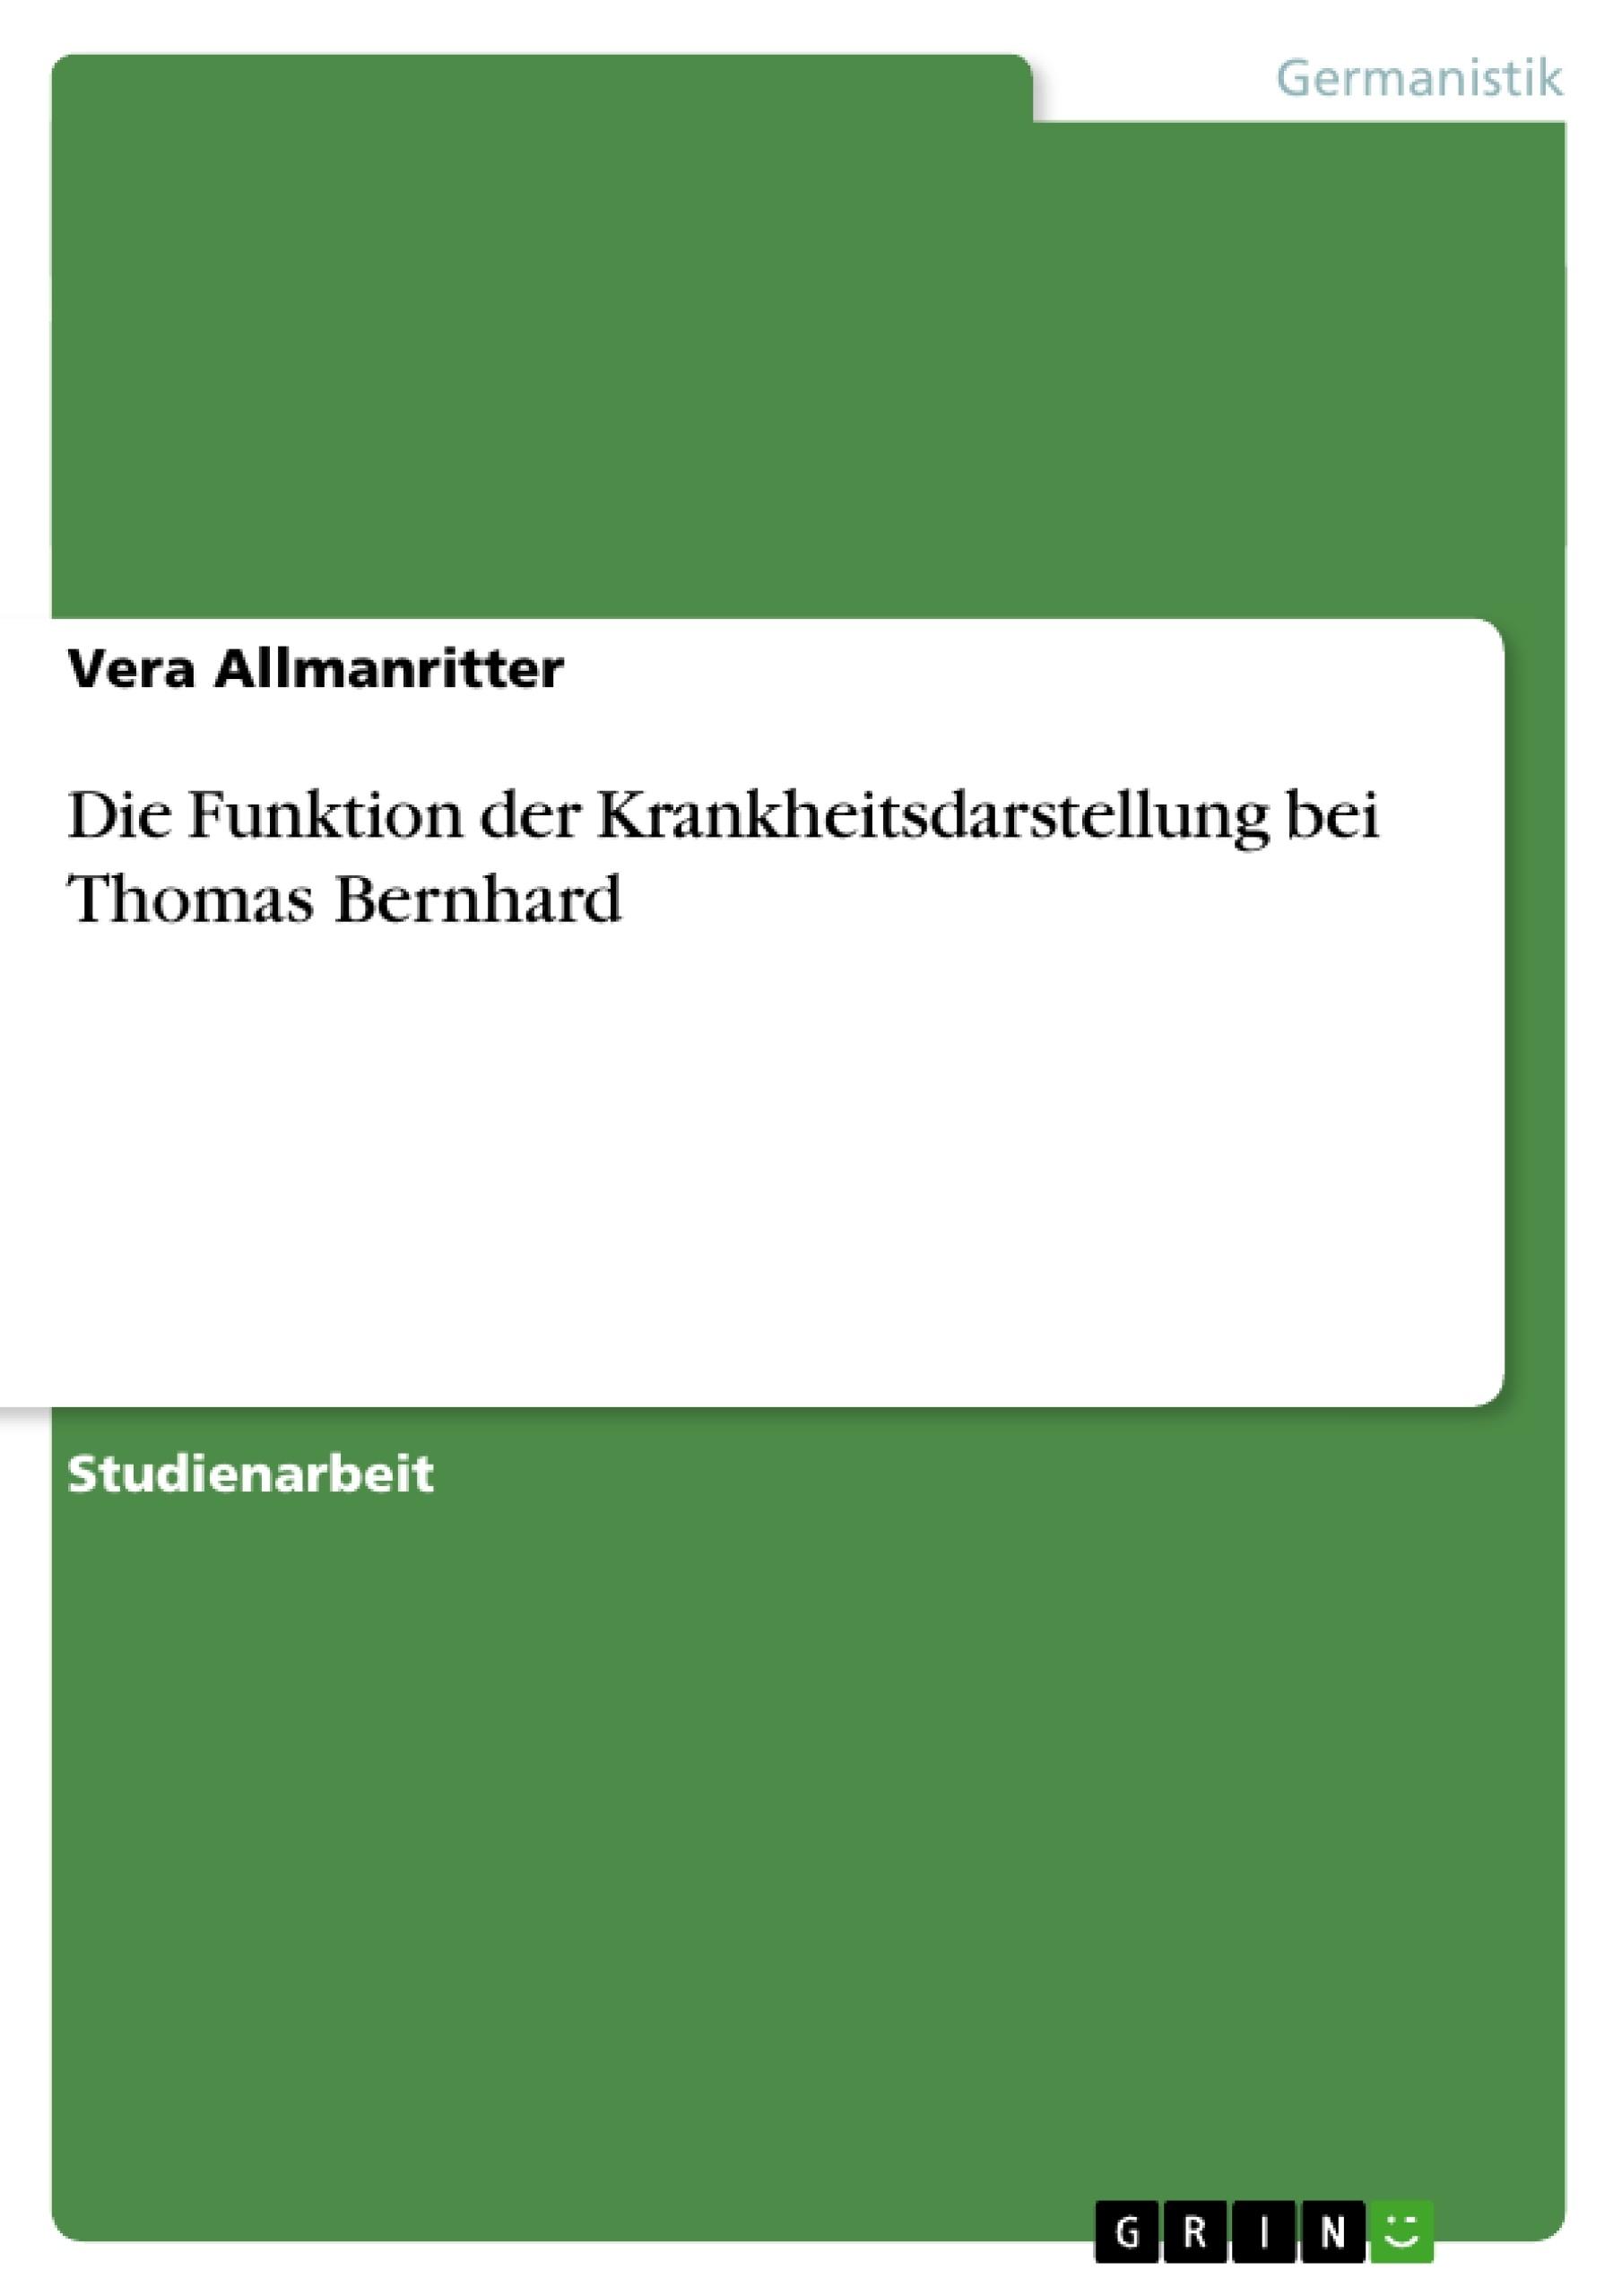 Titel: Die Funktion der Krankheitsdarstellung bei Thomas Bernhard